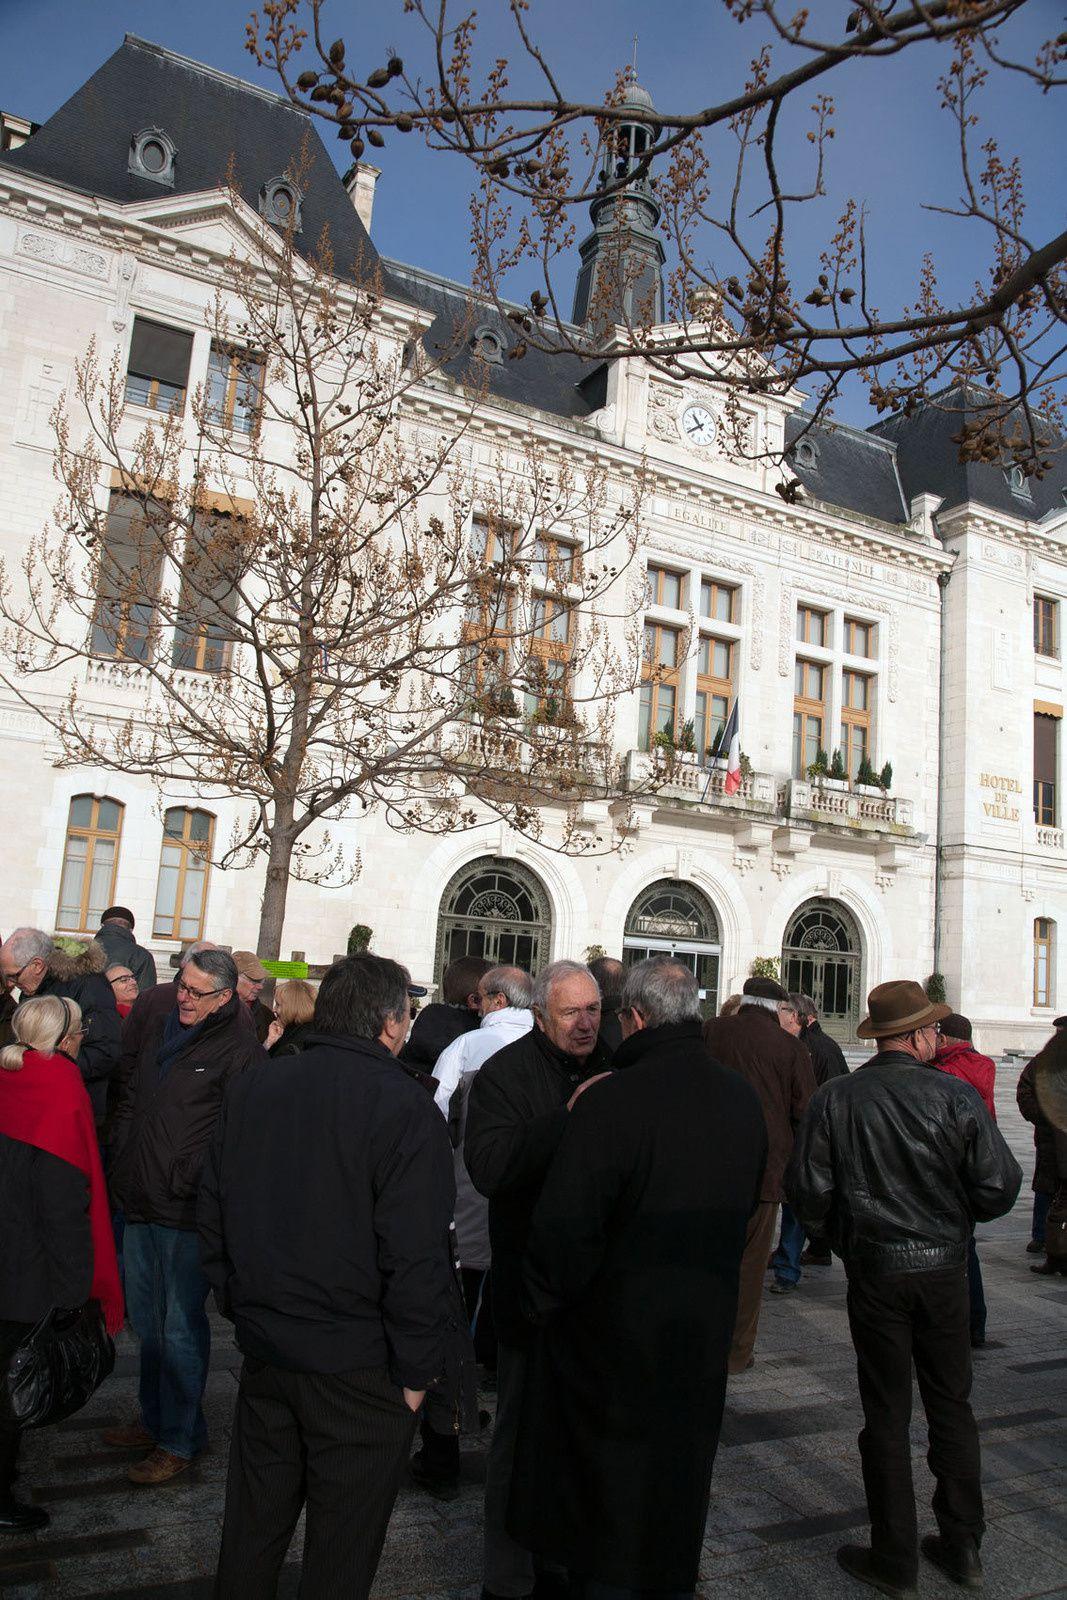 Une cinquantaine de personnes environ pour ce rassemblement citoyen et républicain. (Photos Didier Ciancia)